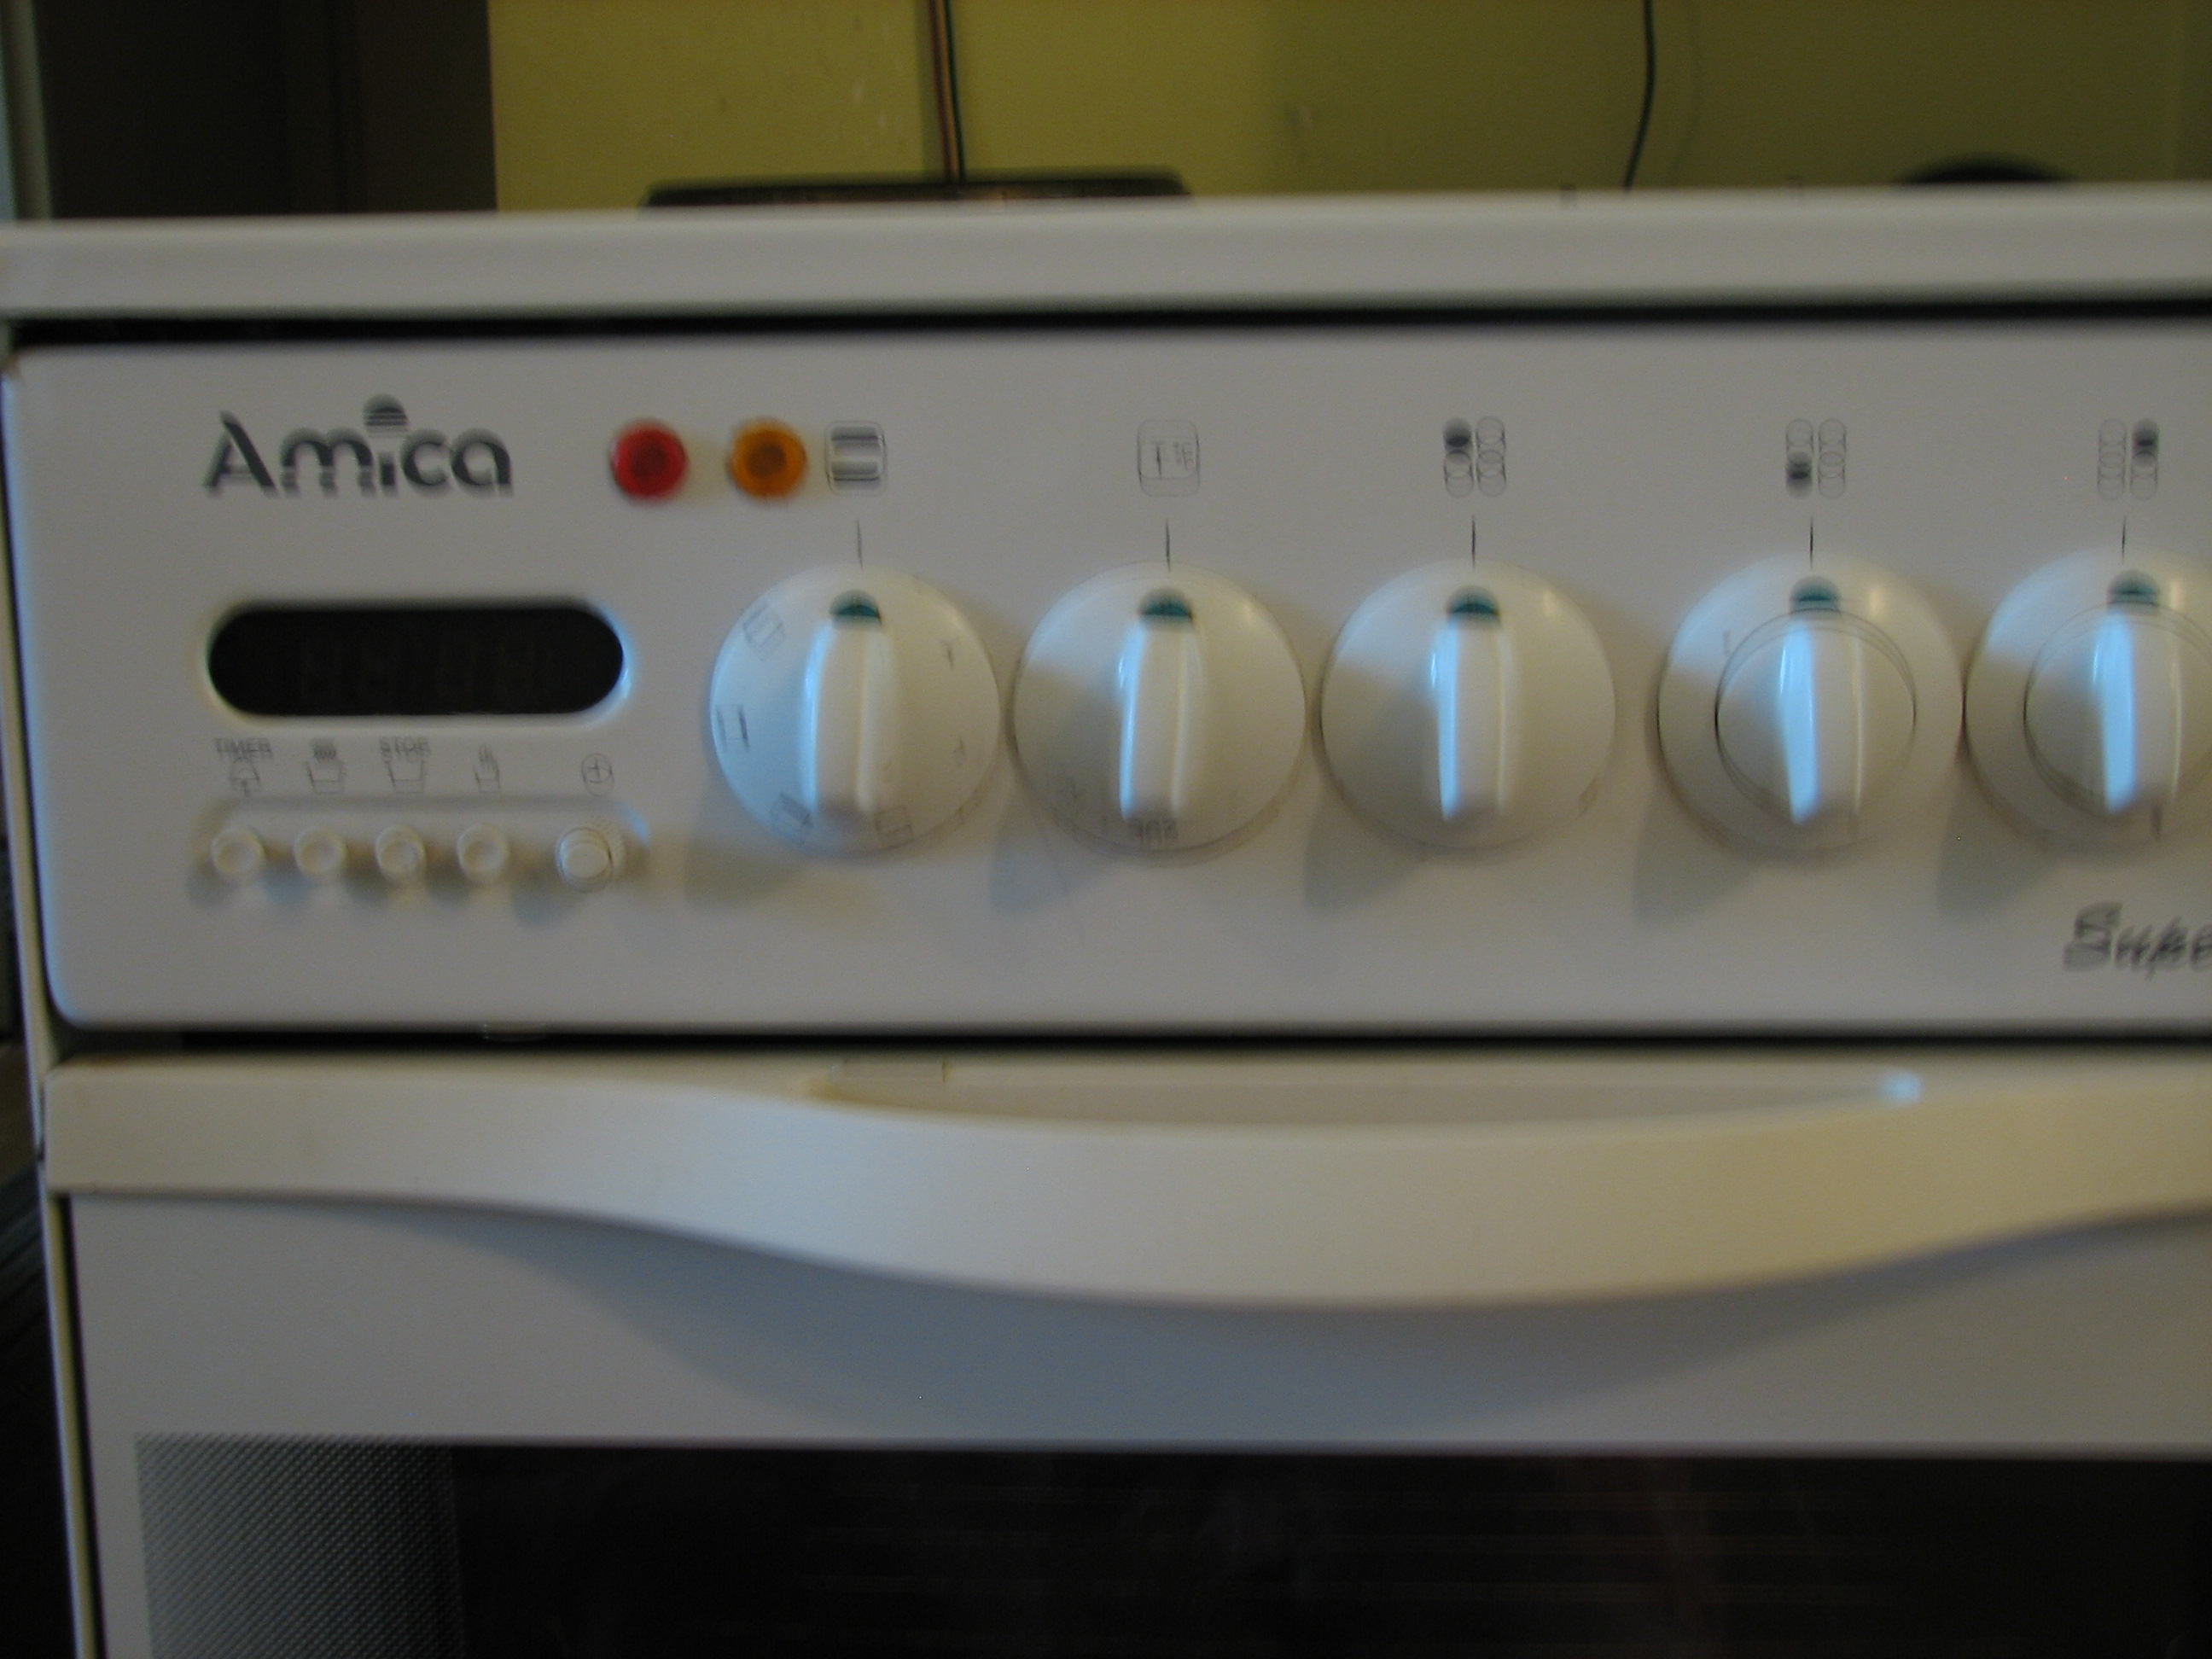 [Inne] kuchenka Amica Super Line z elektrycznym piekarnikiem i 1 palnikiem -> Kuchnia Amica Instrukcja Obslugi Piekarnika